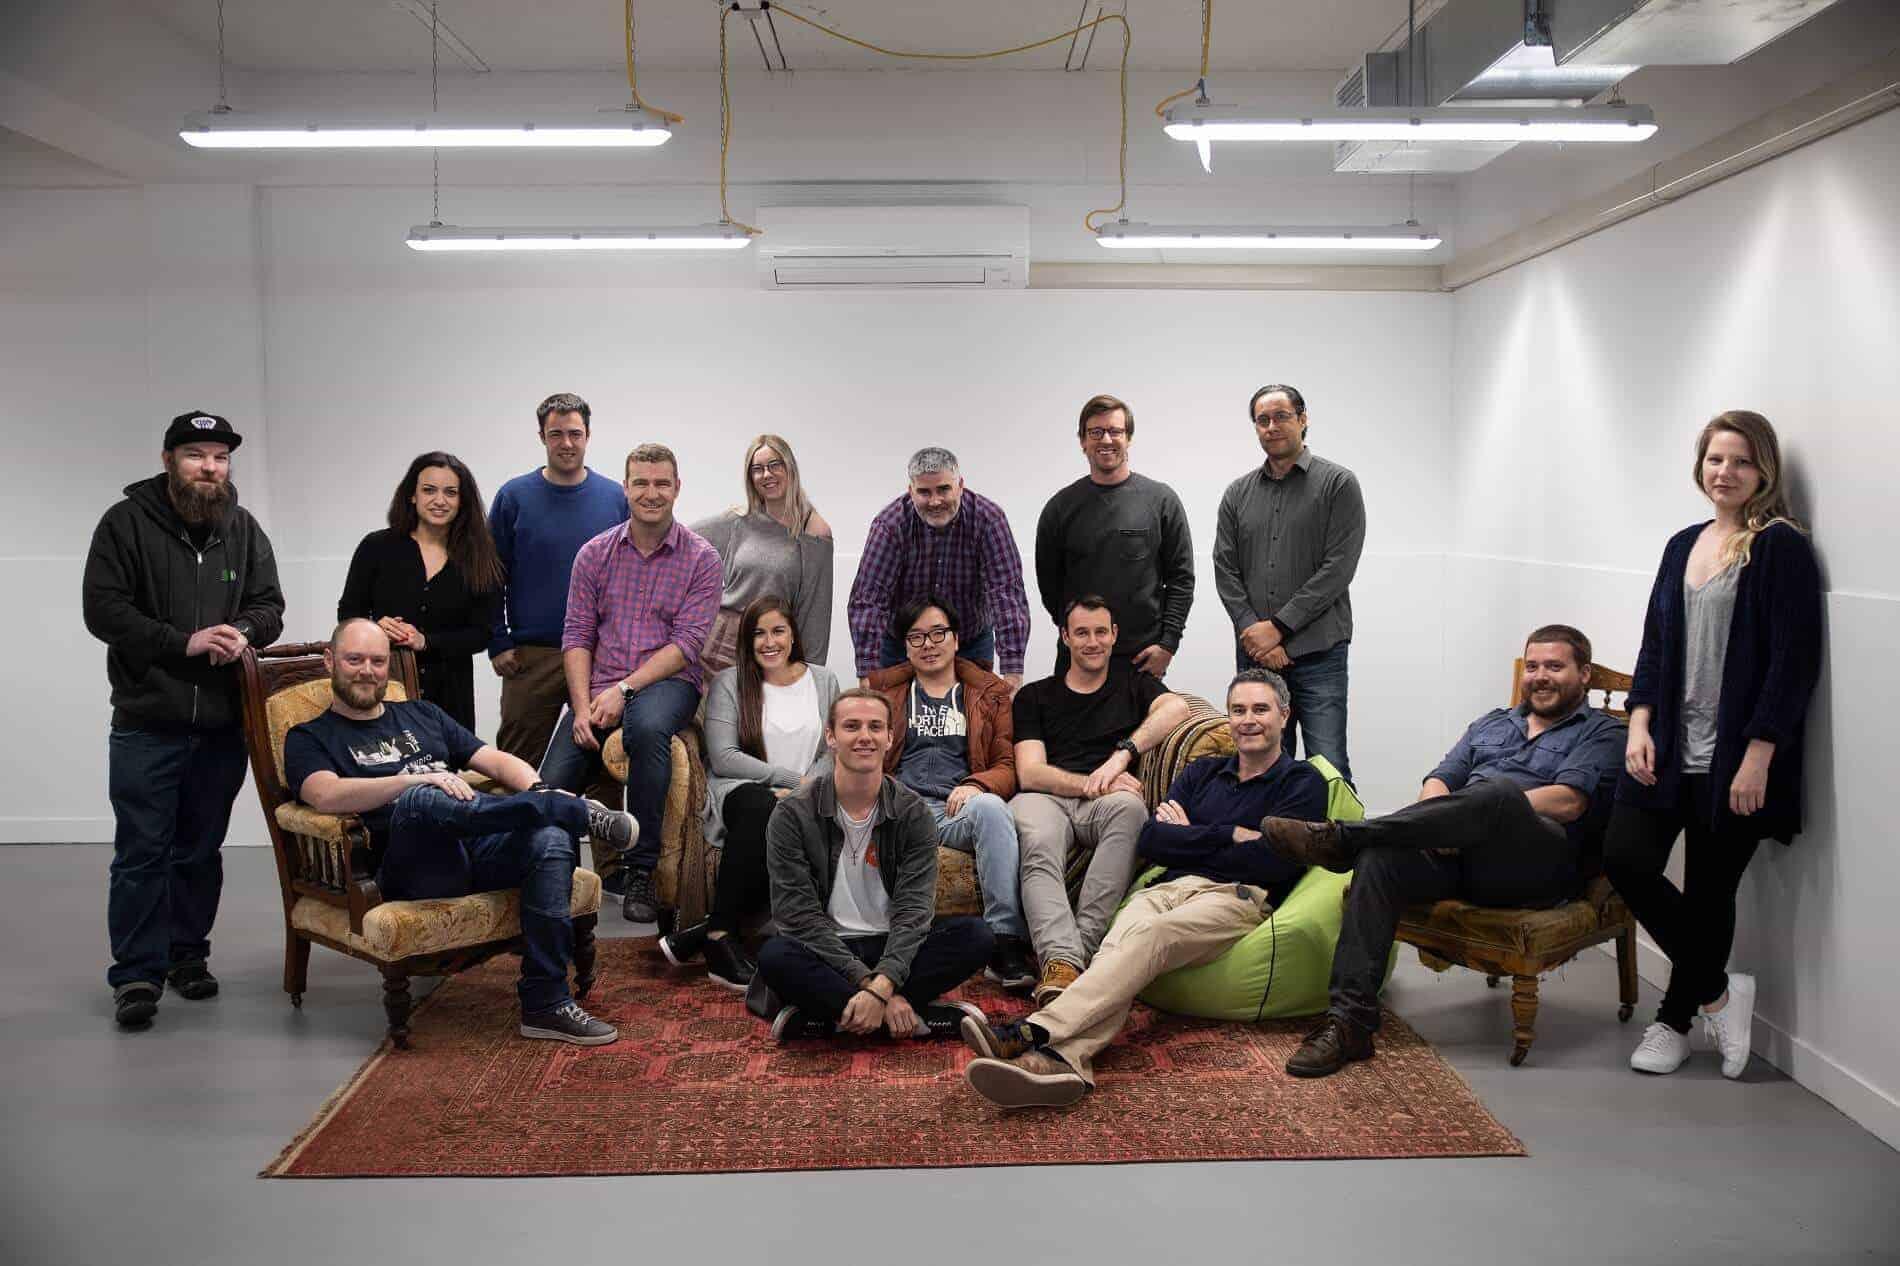 nz startup swipedon